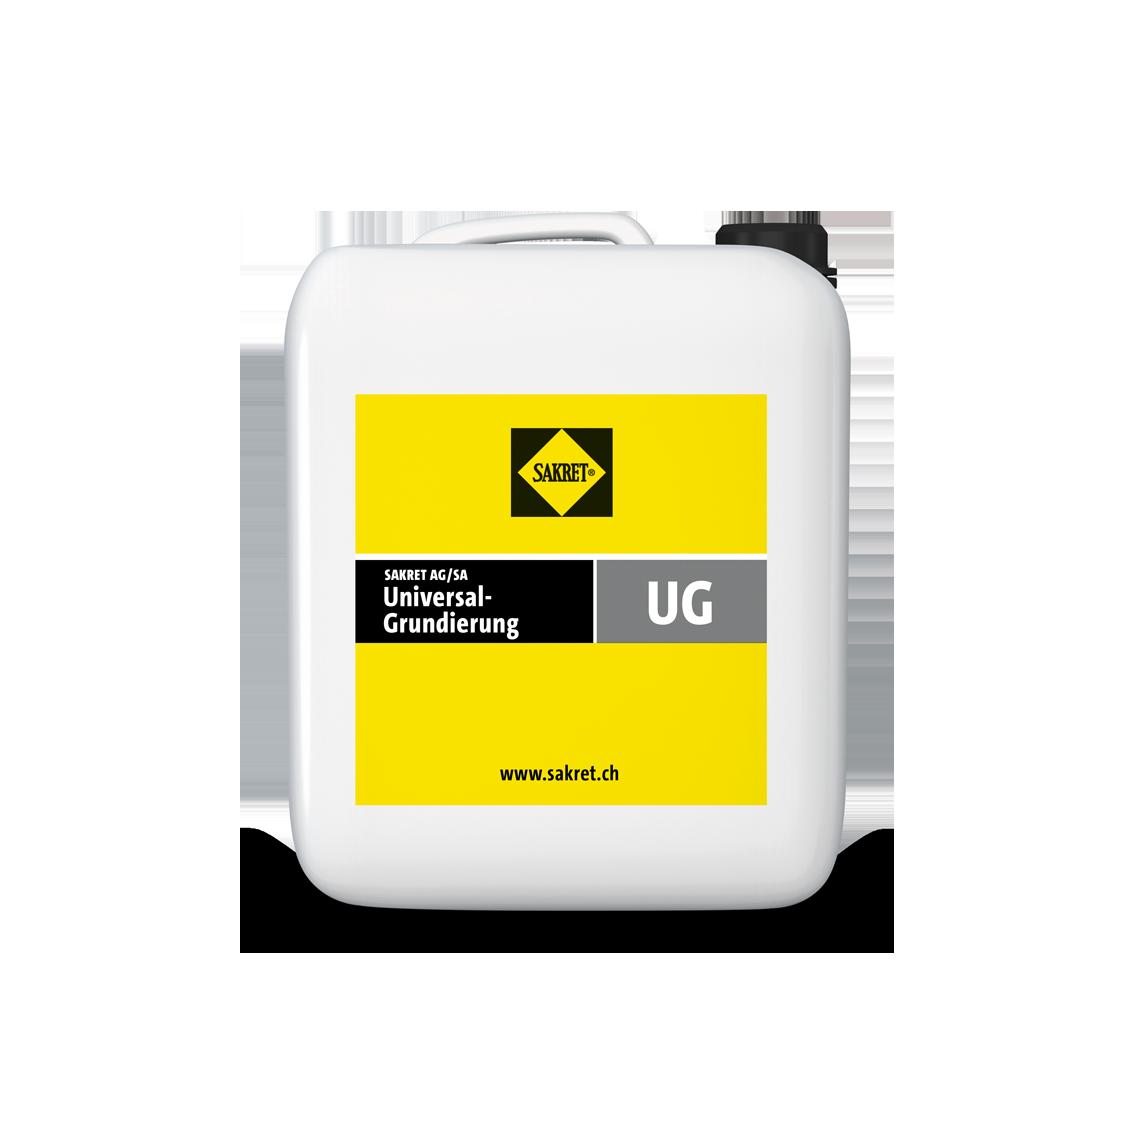 SAKRET Schweiz Universalgrundierung UG